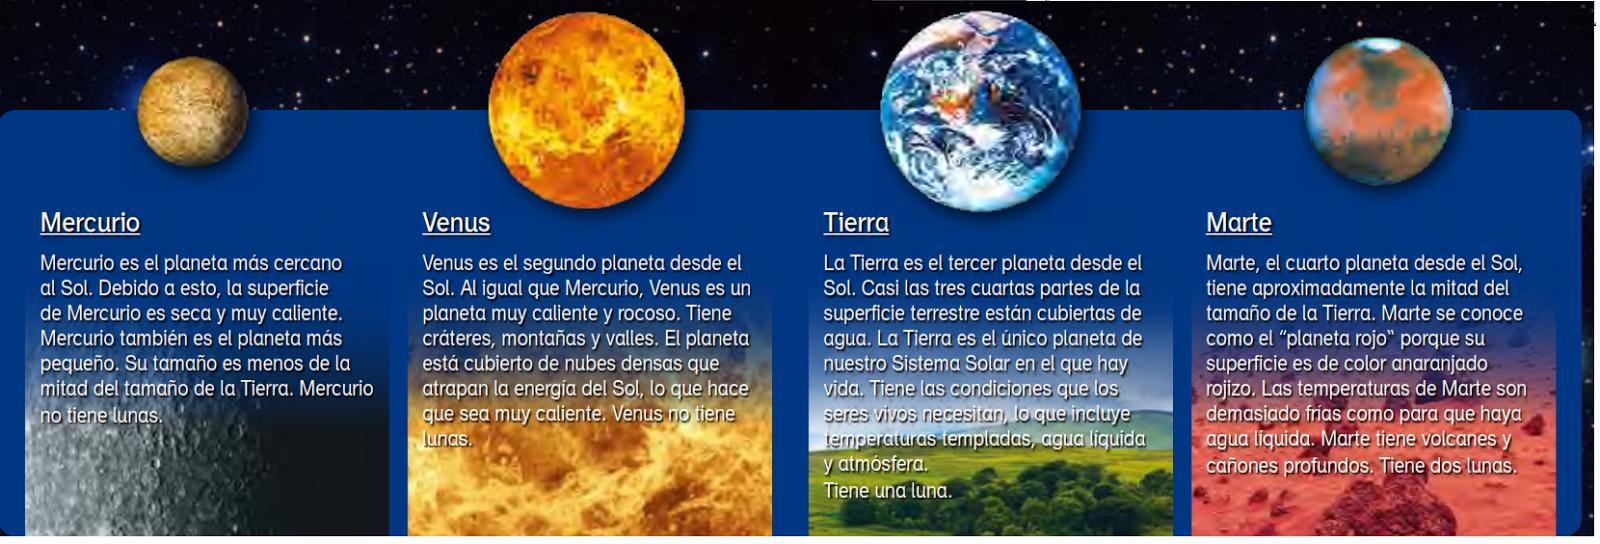 Hace los deberes febrero 2014 - Caracteristicas de los planetas interiores ...